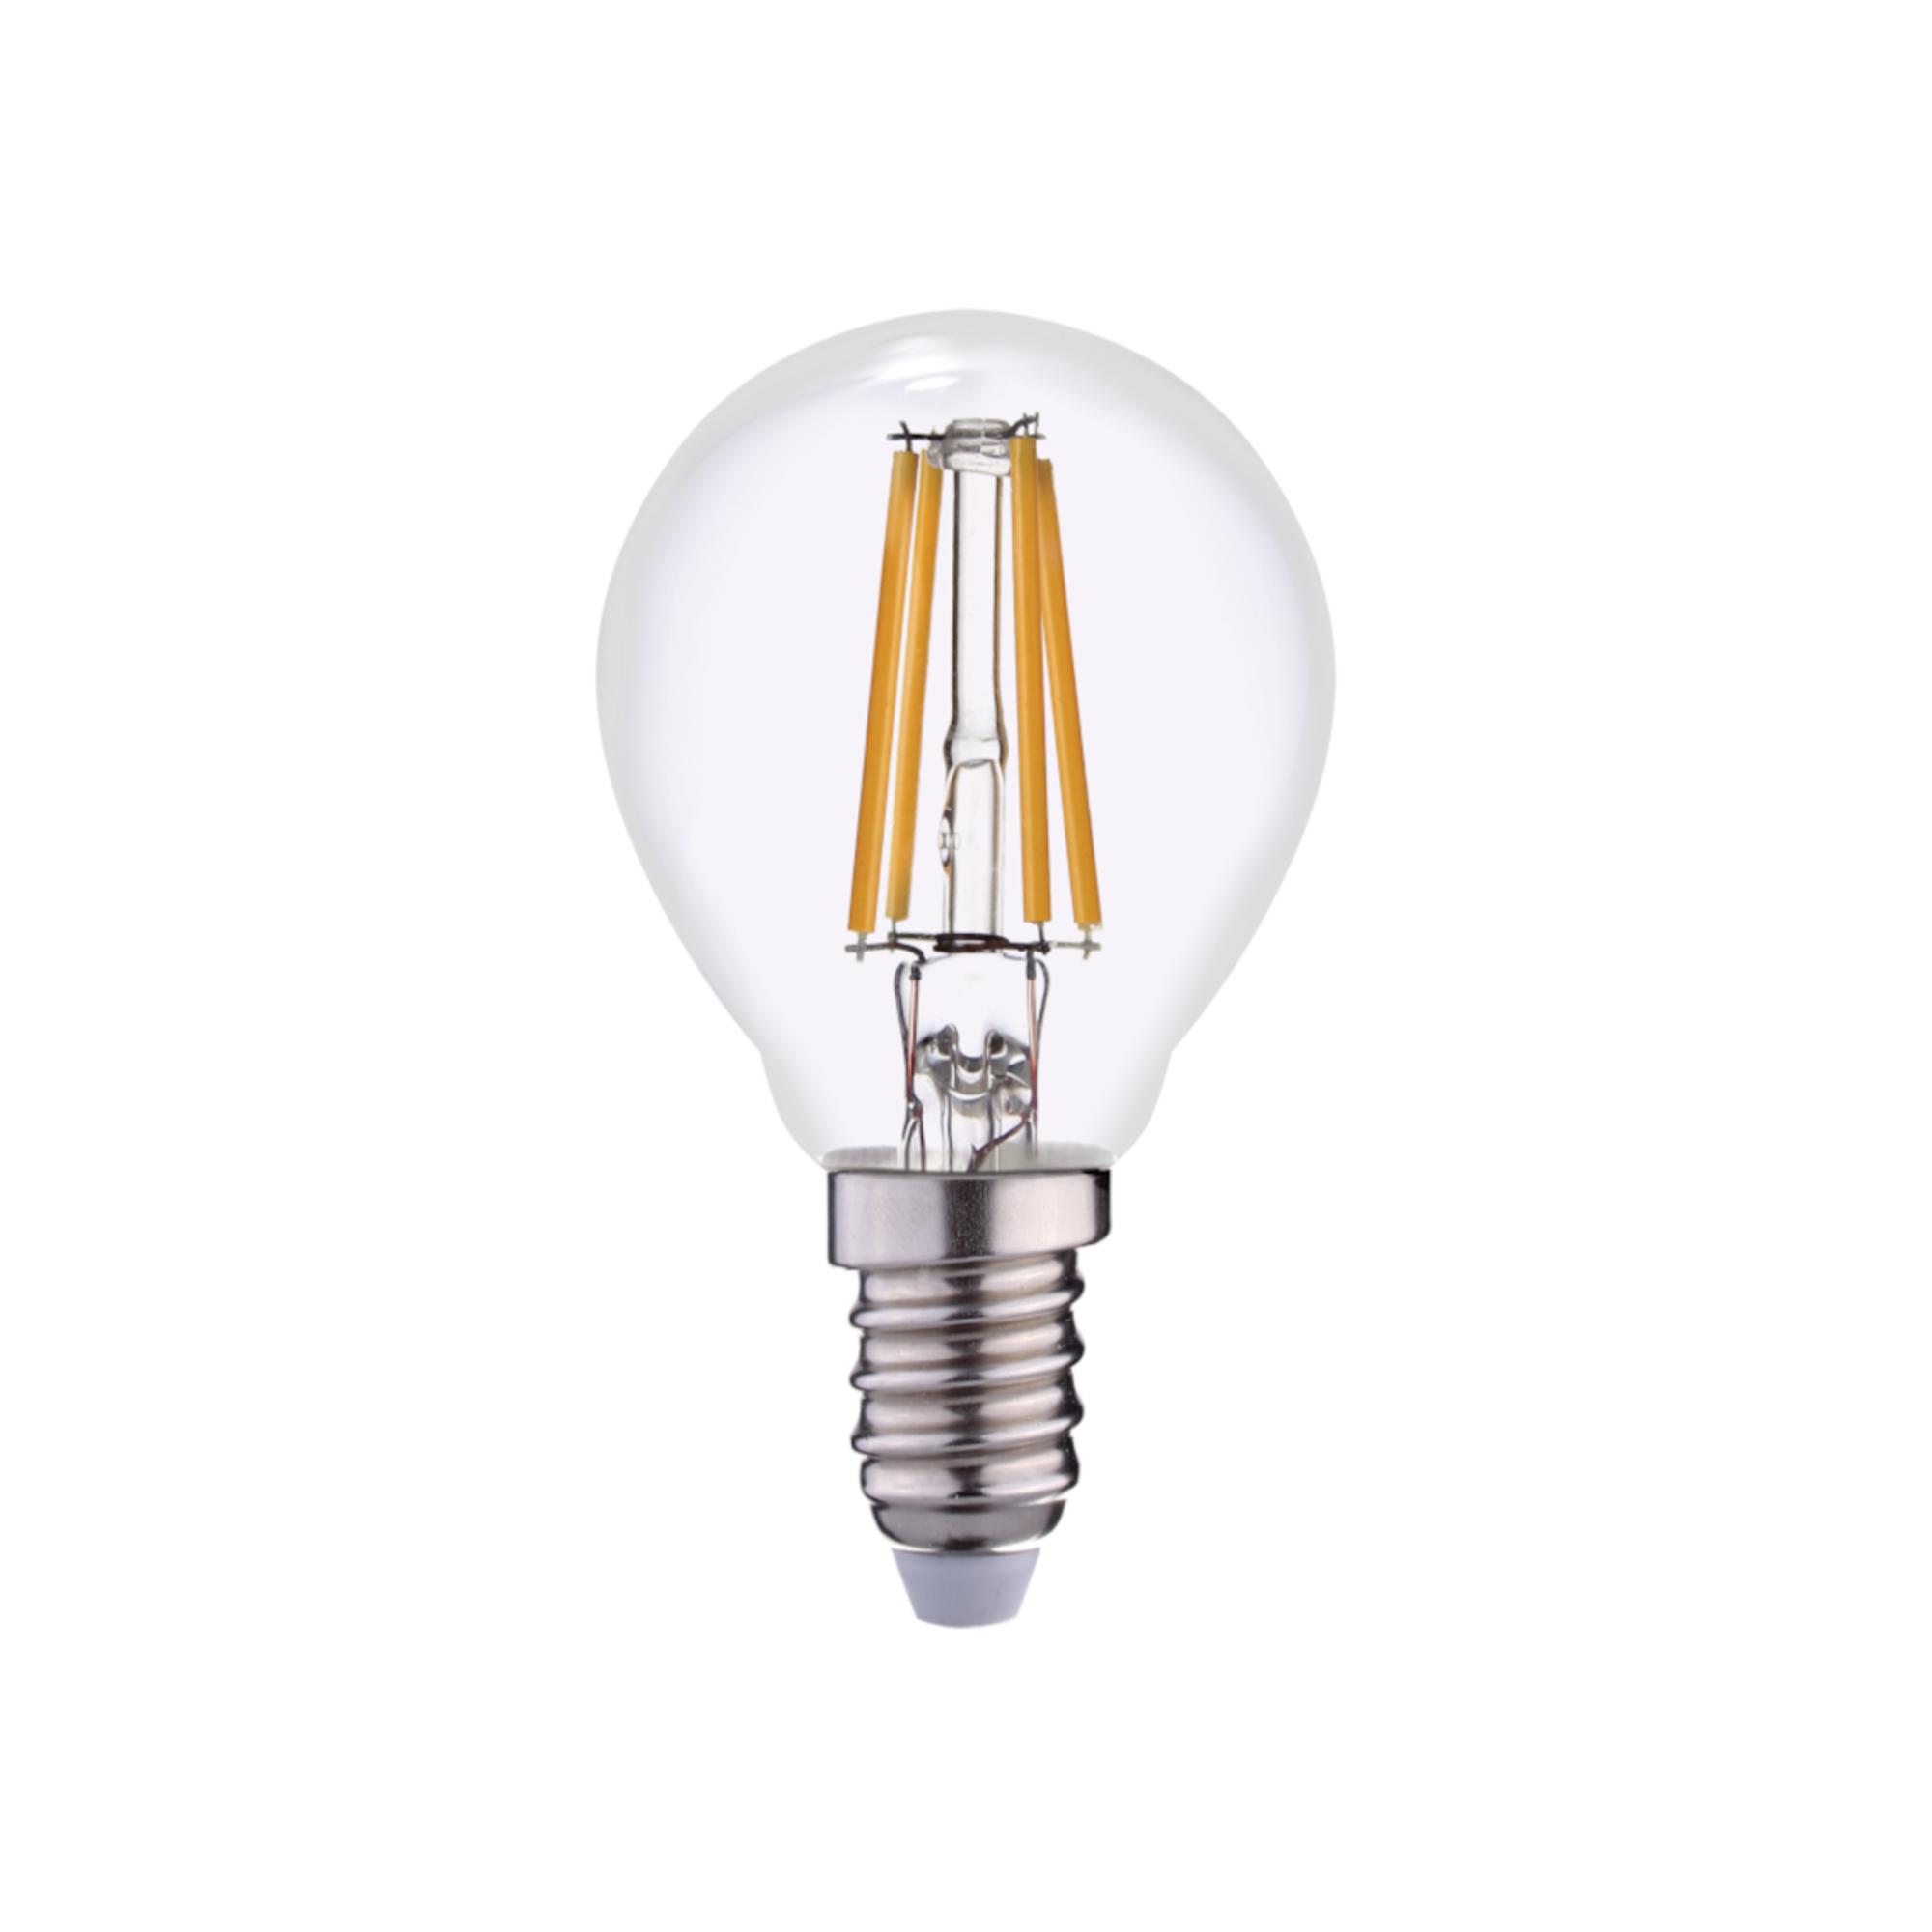 Светодиодная лампочка Фотон 23046 E14 460 Лм 4 Вт